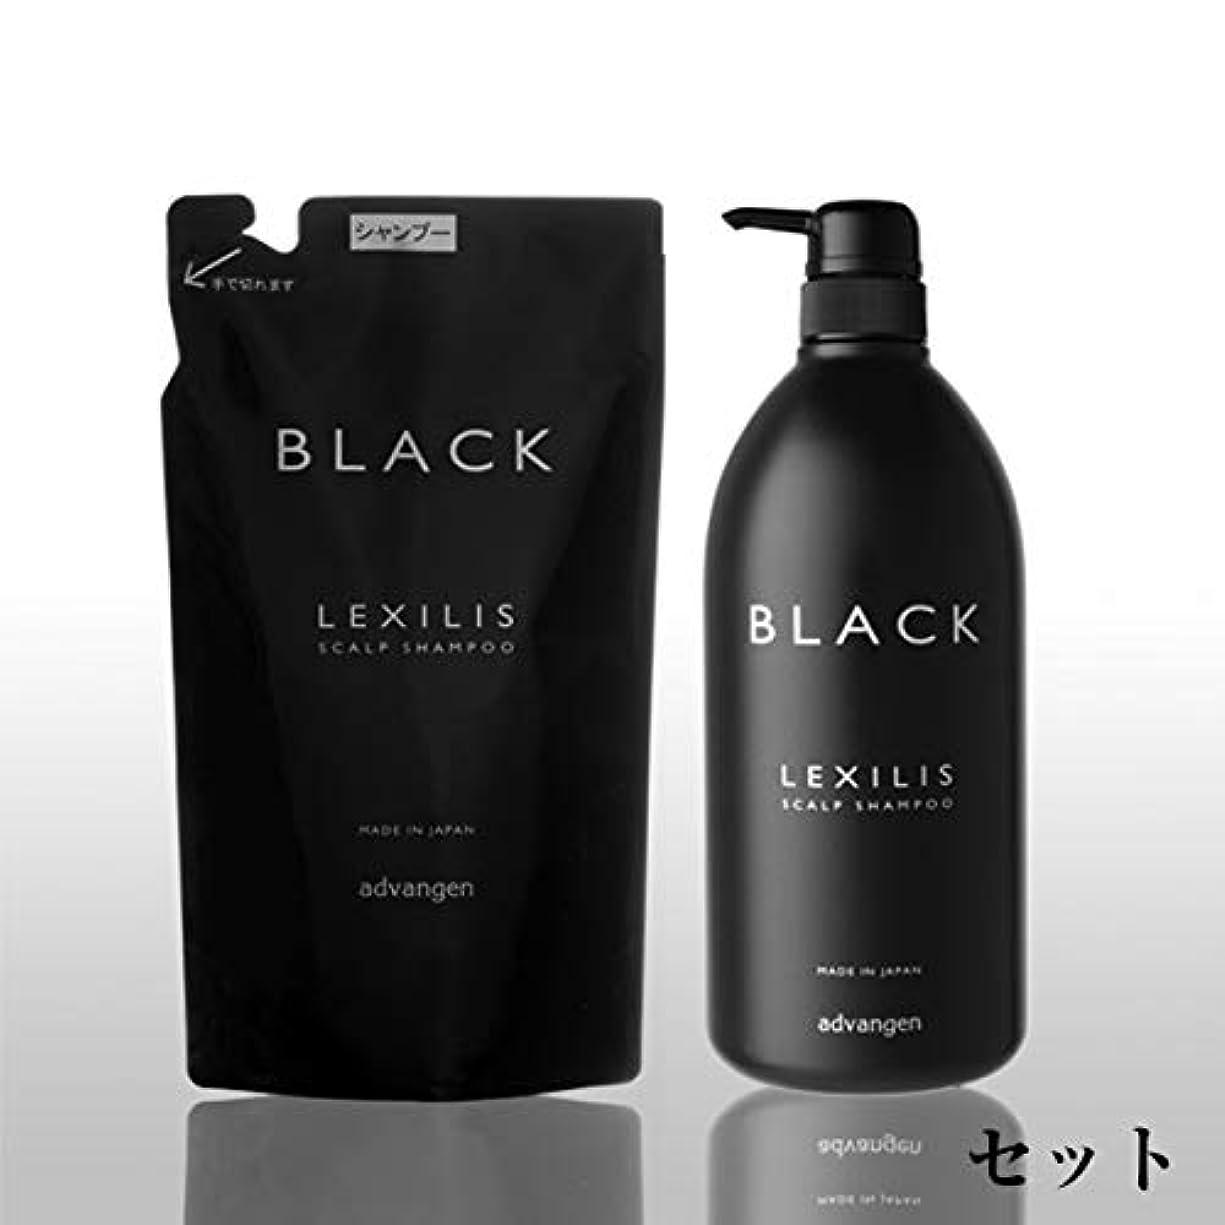 十代耕すランクレキシリス.ブラック スカルプシャンプー(1000mL) 詰替用リフィル(700mL) セット